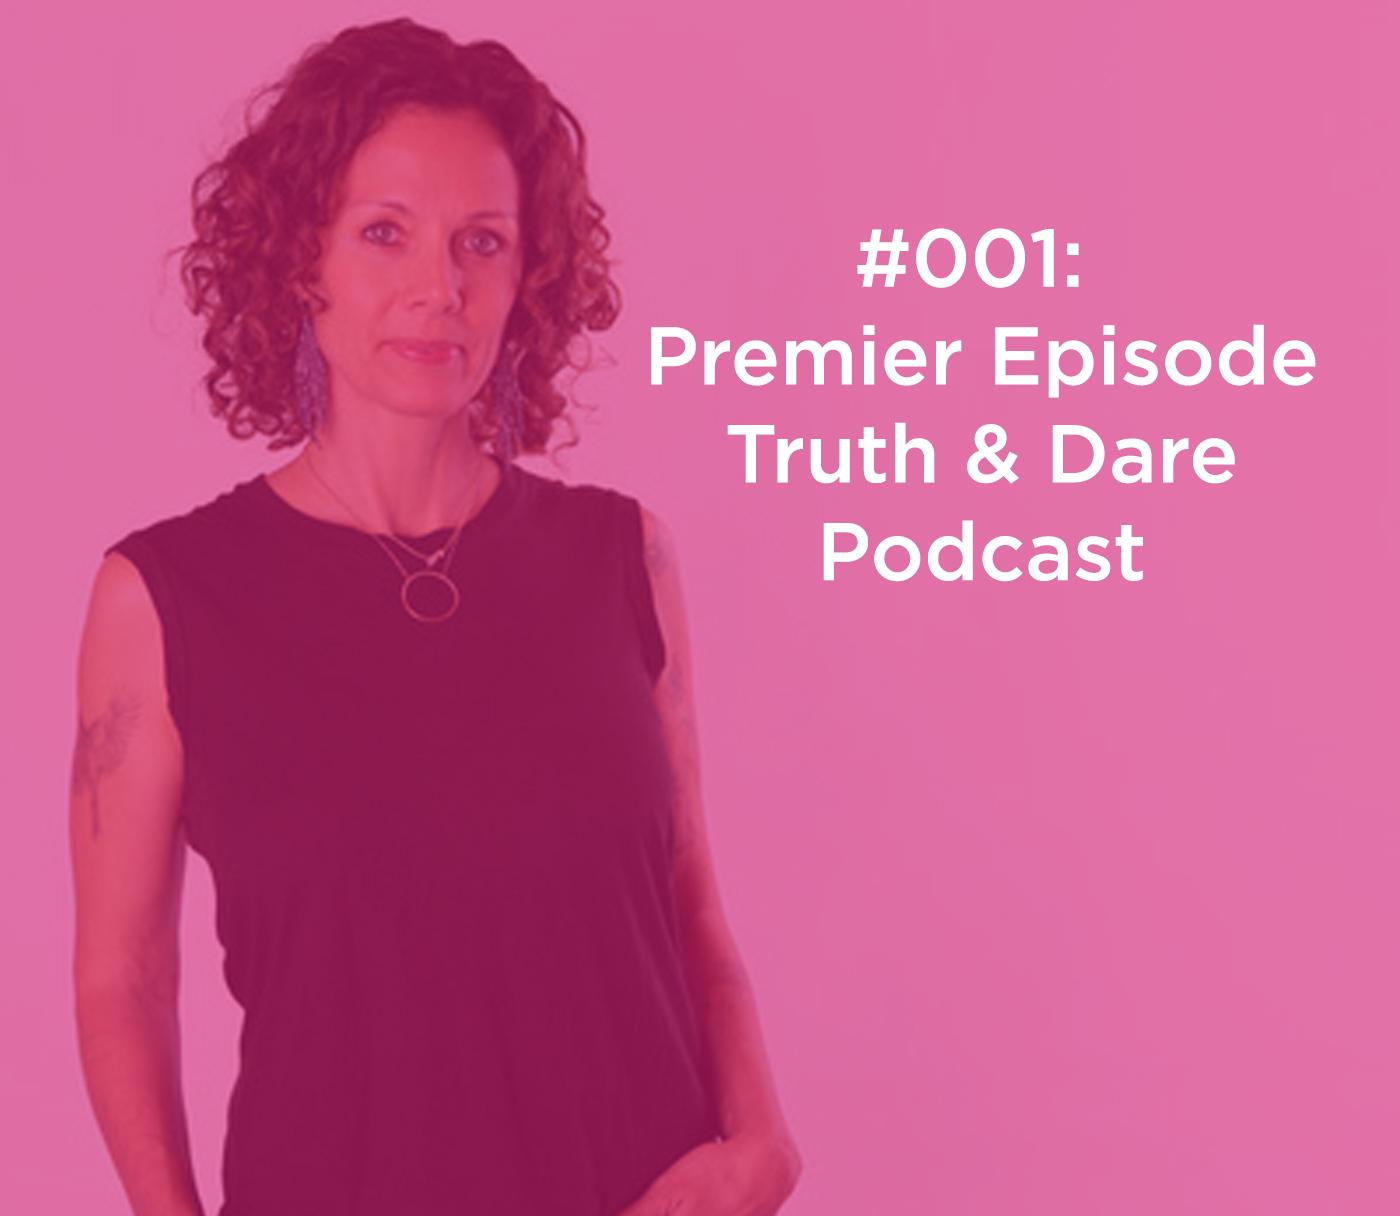 Truth & Dare Podcast Premier Episode